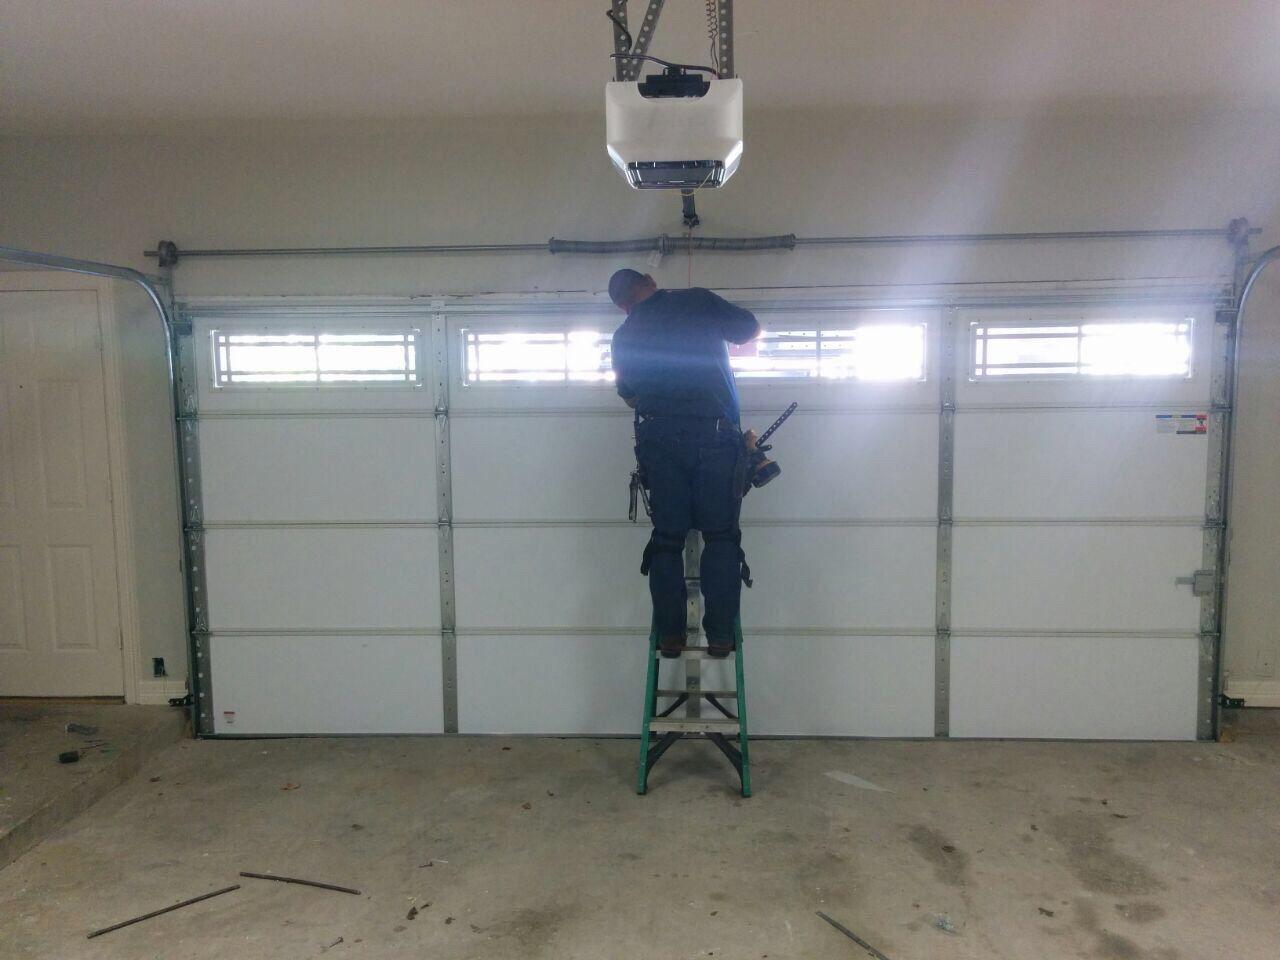 Chamberlain 41a5034 Garage Door Opener Safety Sensor Kit Genuine Original Equipment Manufacturer Oem Part Craftsman Garage Door Opener Garage Doors Garage Door Installation